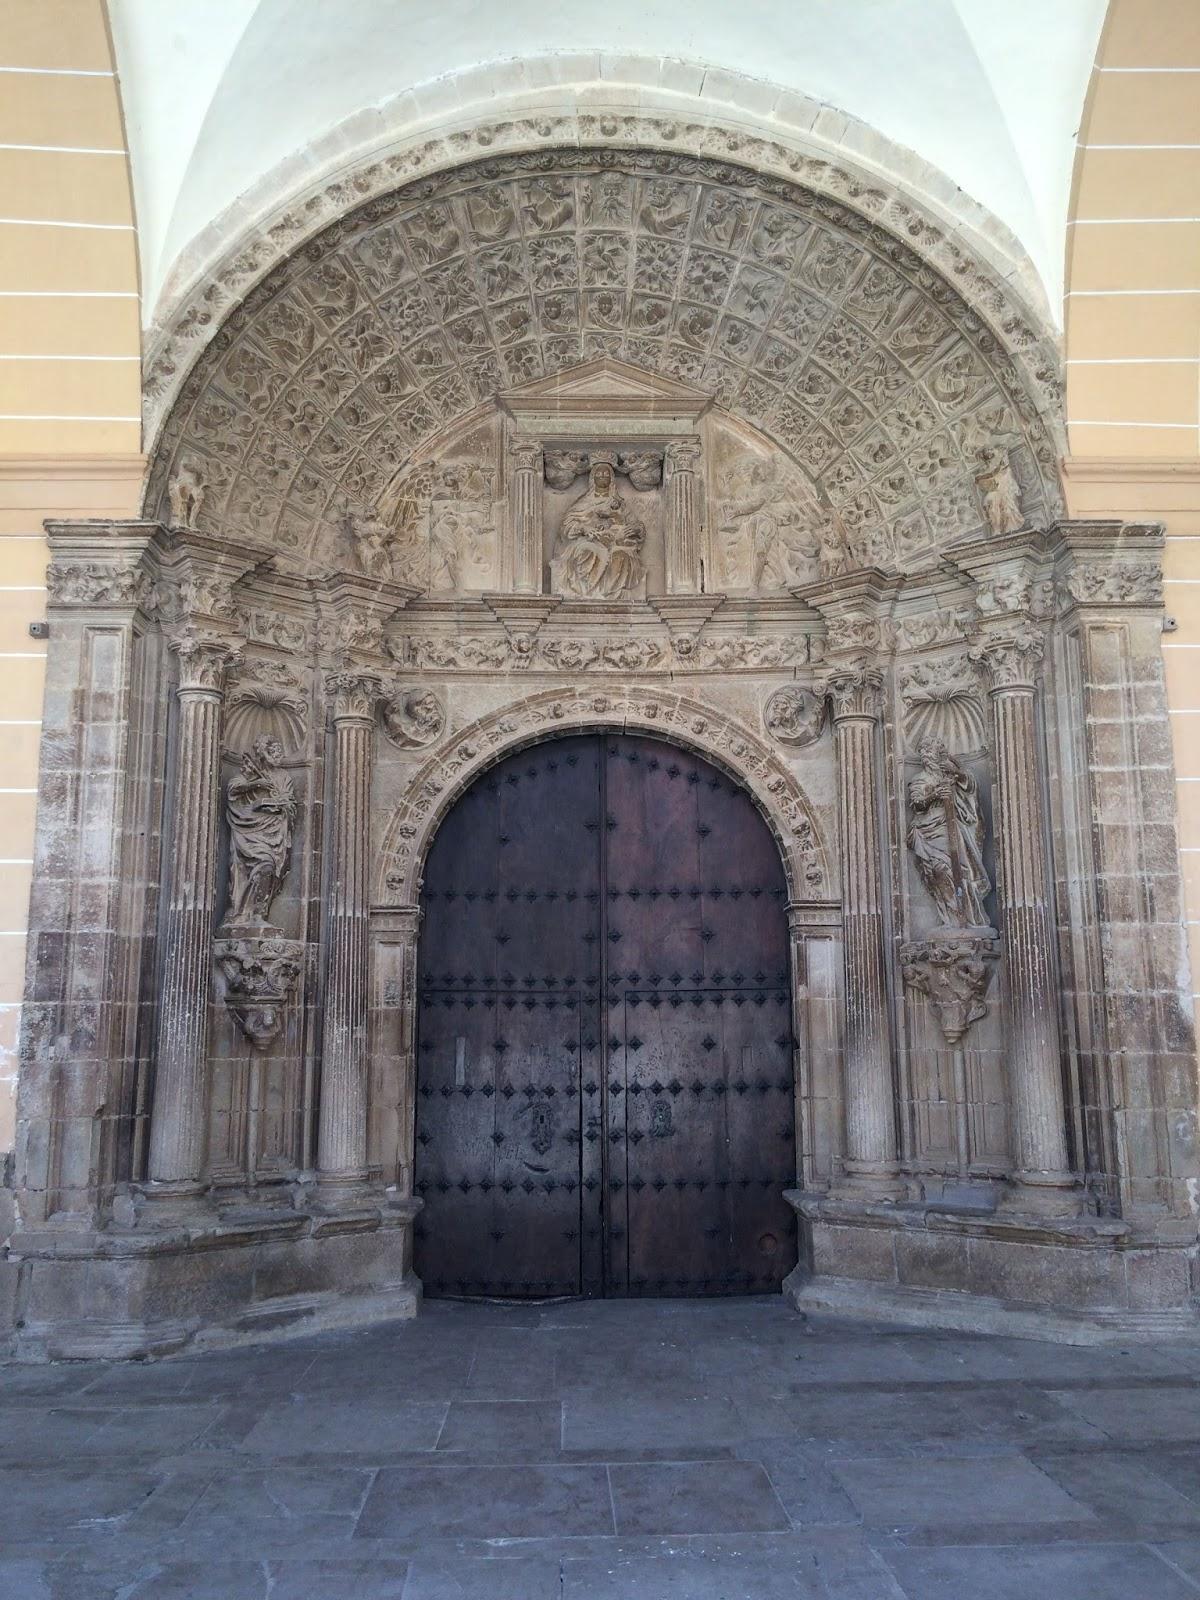 #836D4823653084  Verschillende Bouwstijlen Zoals: Romaans Gotisch Barok En Neo Aanbevolen Verschillende Bouwstijlen 439 afbeelding/foto 12001600439 beeld